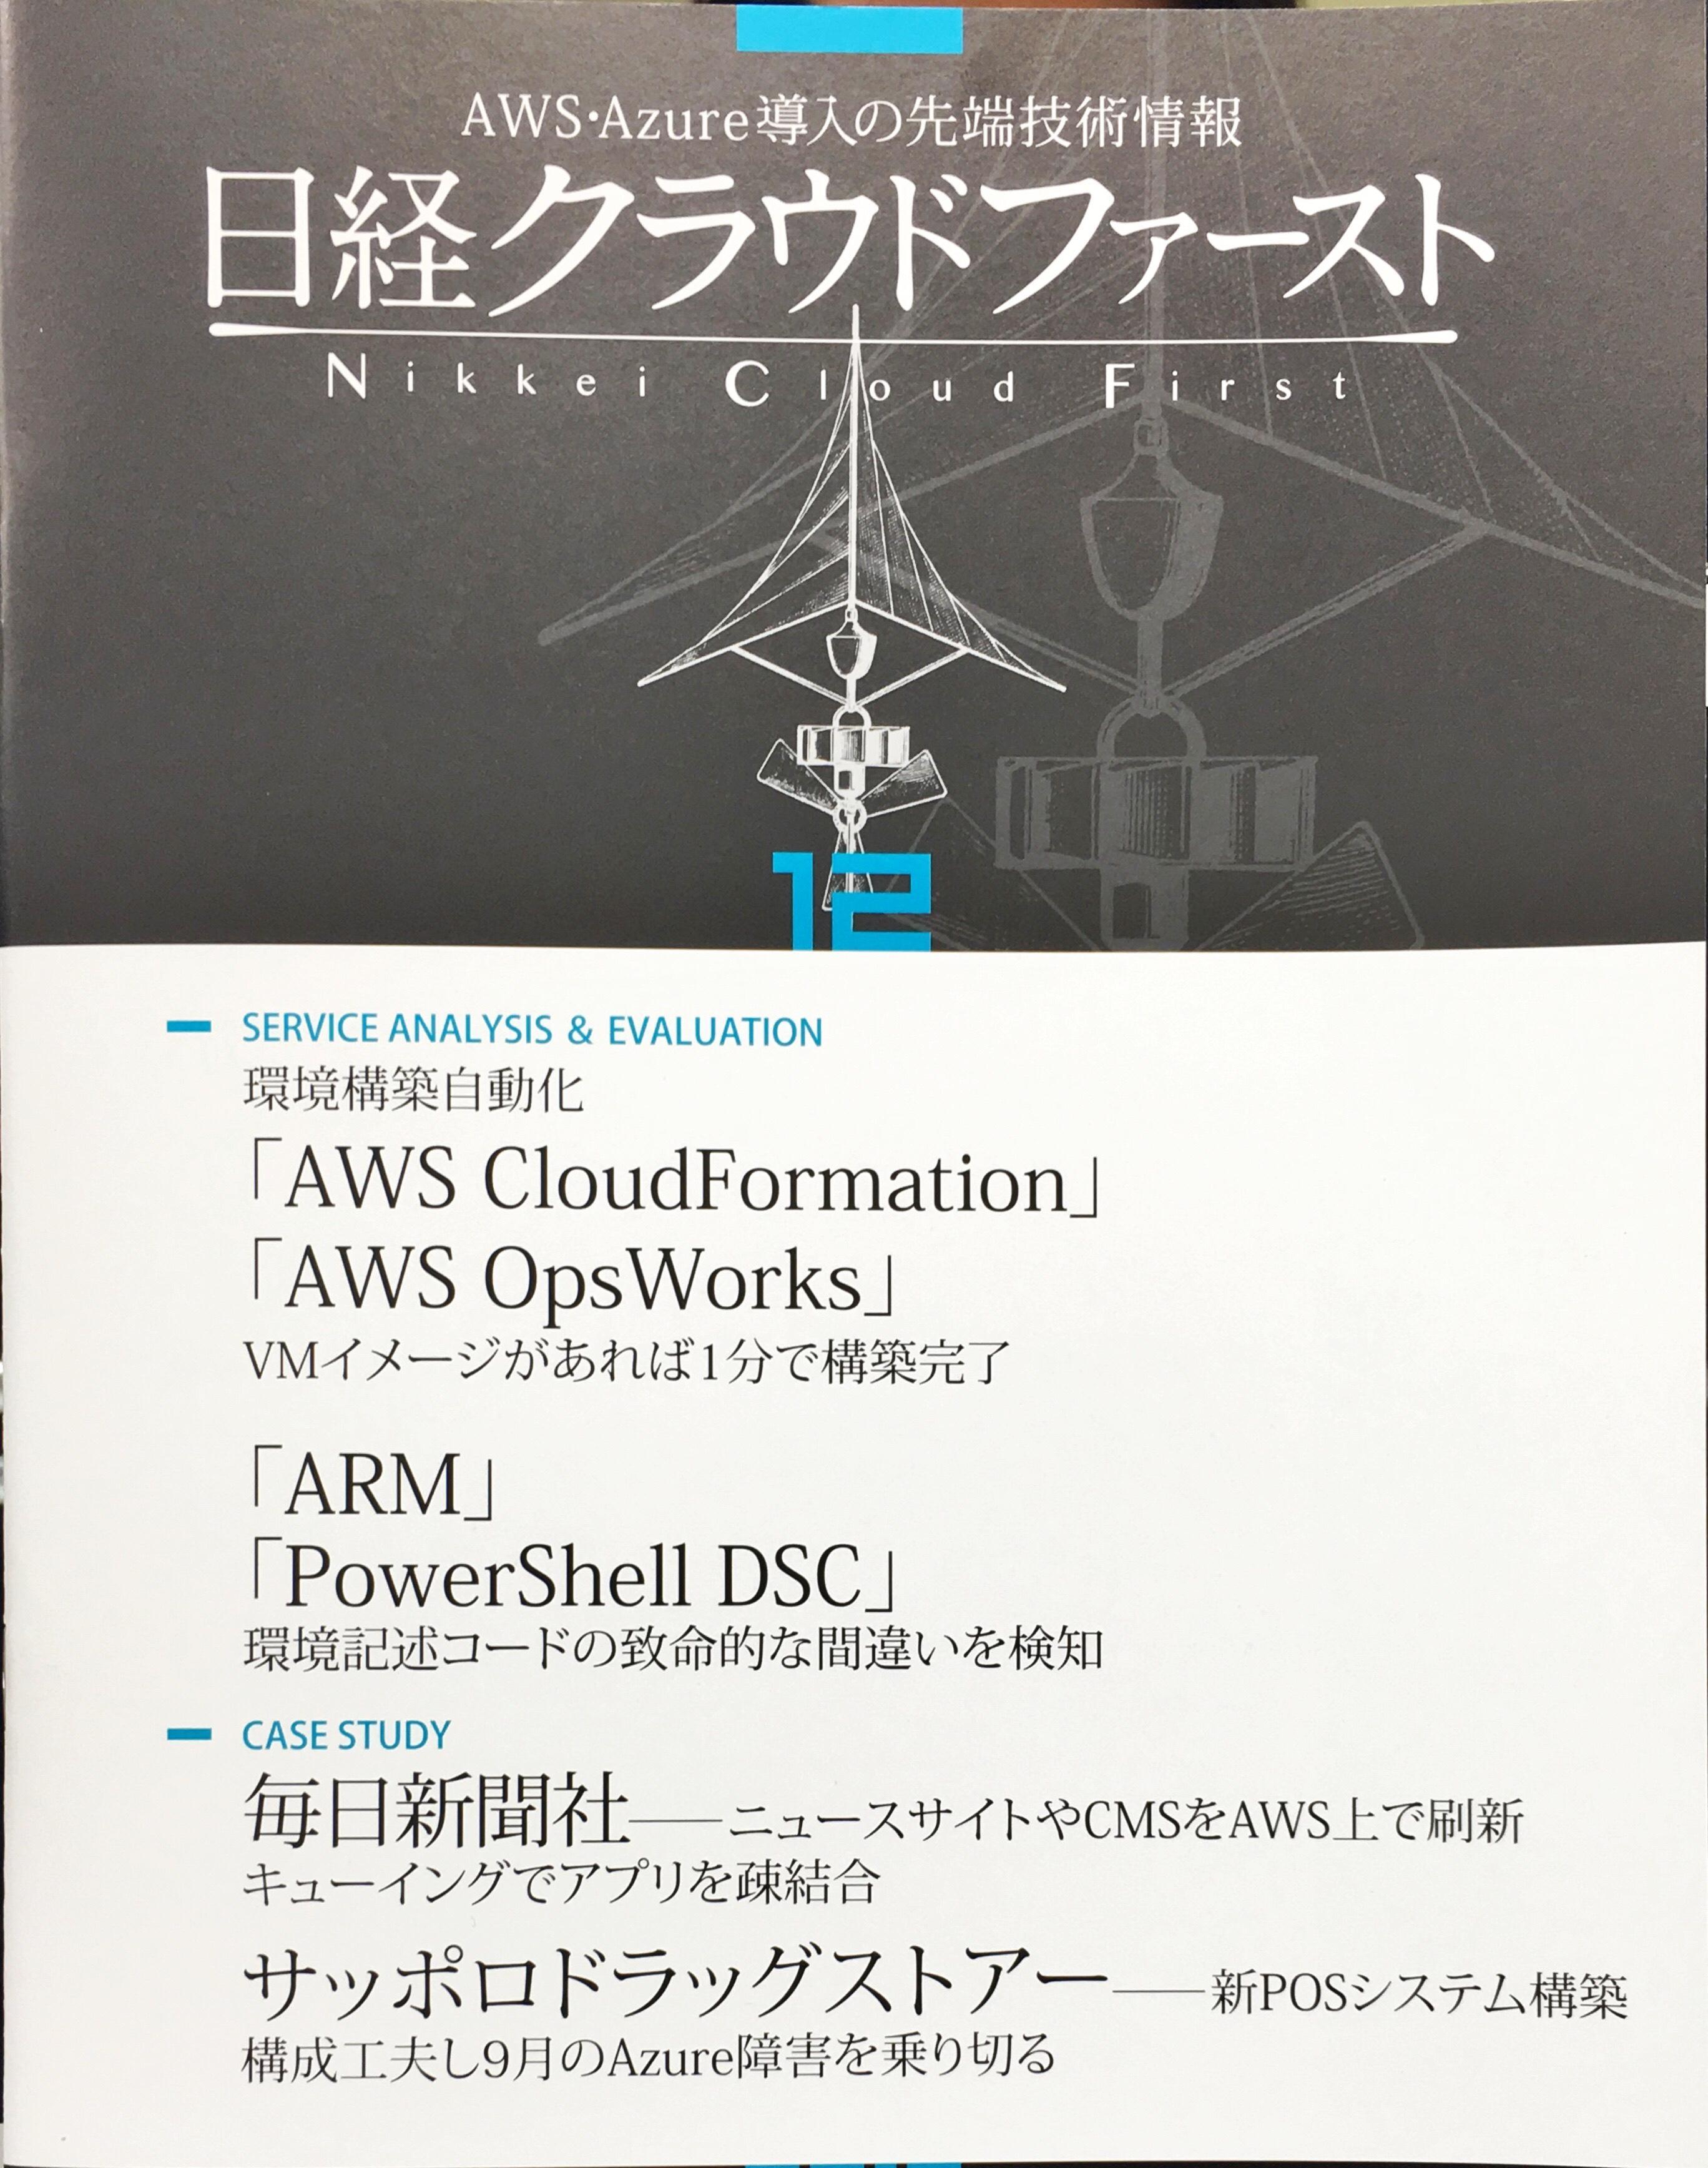 11月20日発売の日経クラウドファースト12月号にサーバーワークスエンジニアが寄稿しました!